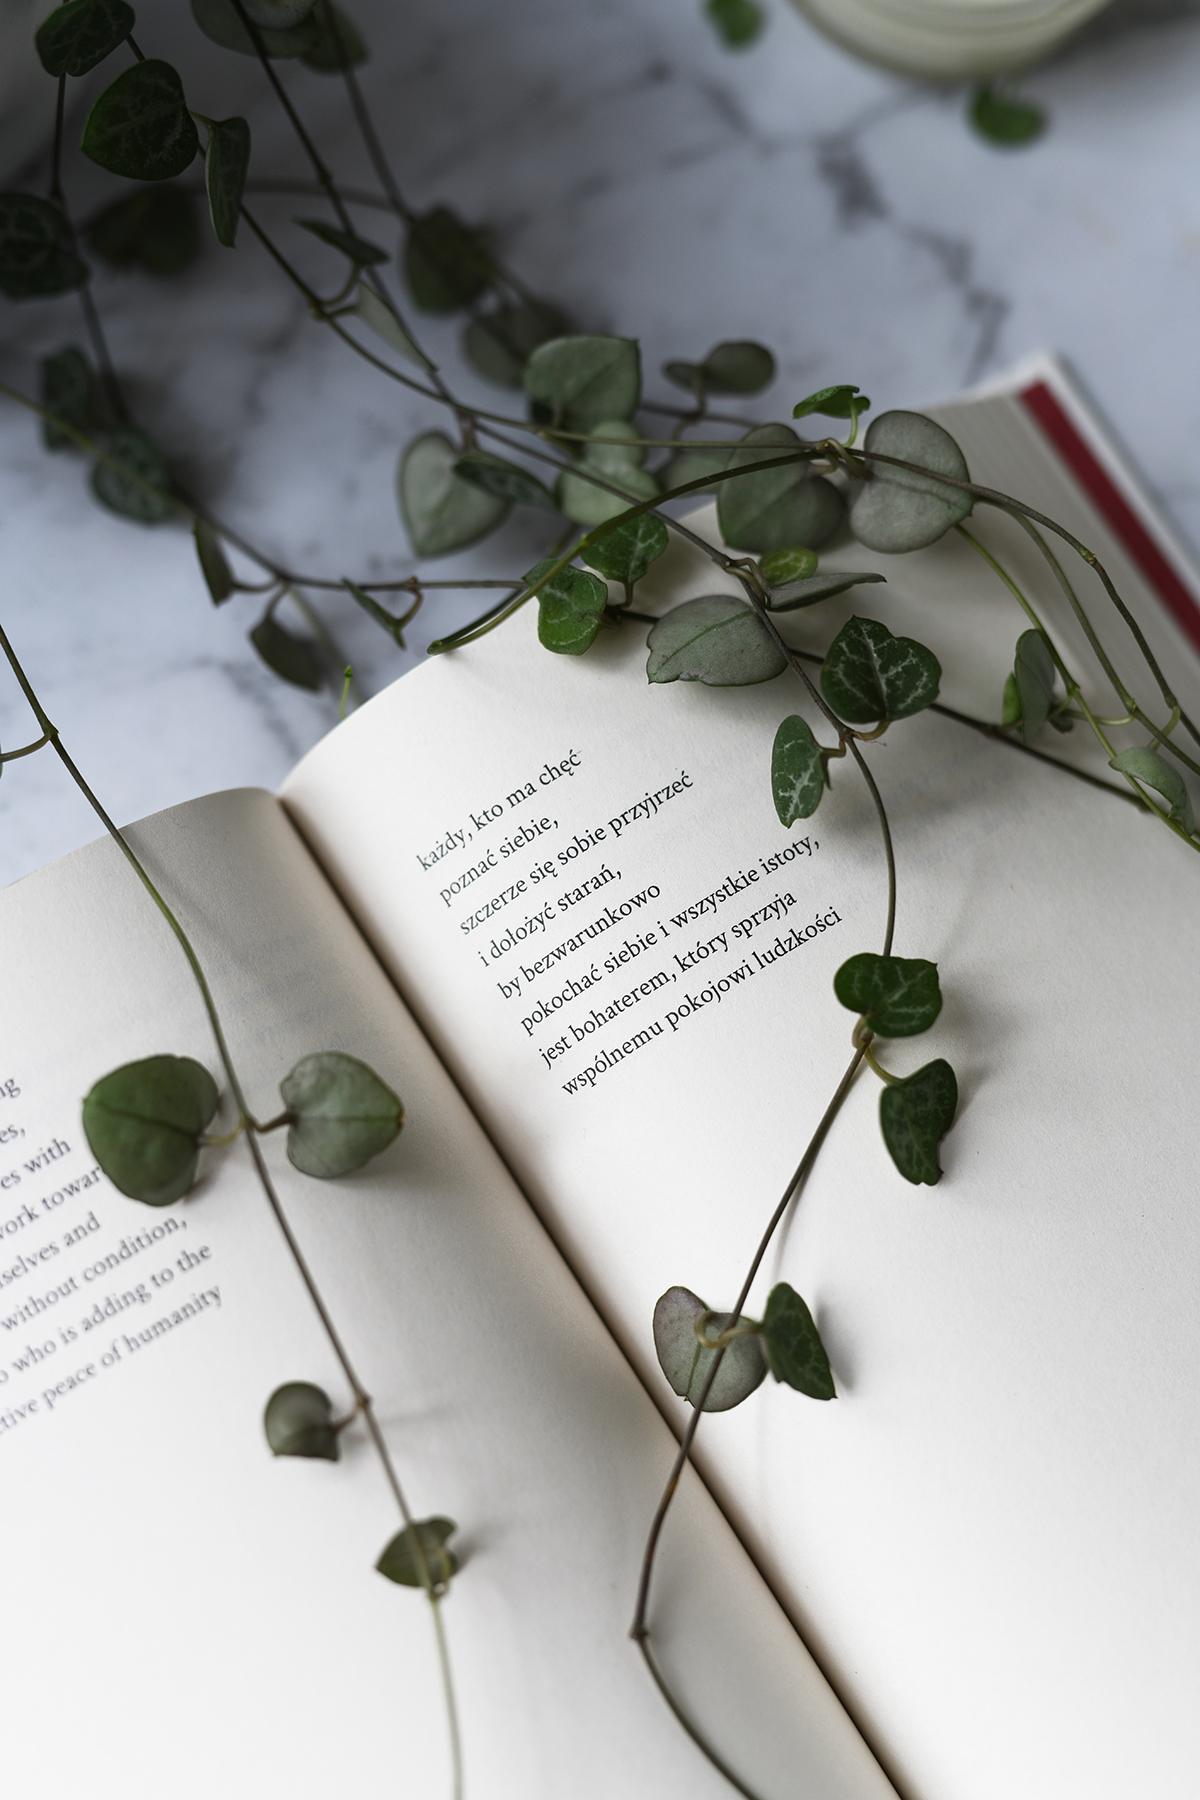 Inward - książka, która zaprowadzi Cię w głąb siebie